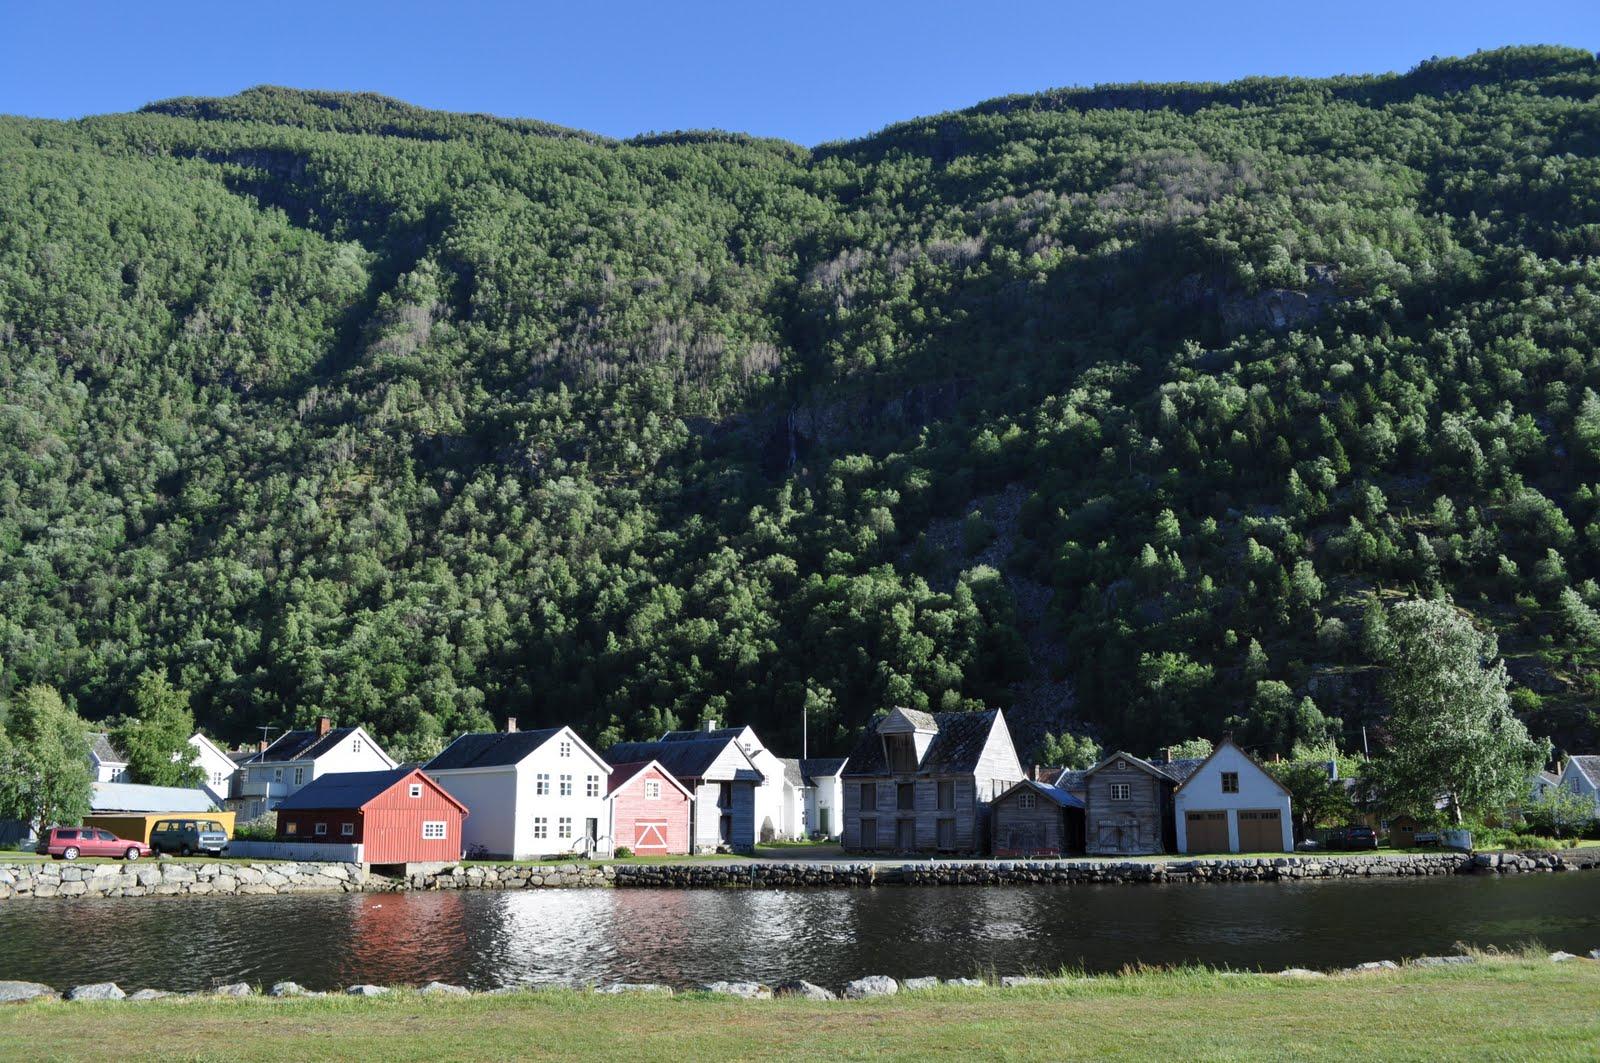 Lærdal et herlig sted med høye fjell og vakre hus og hager en av